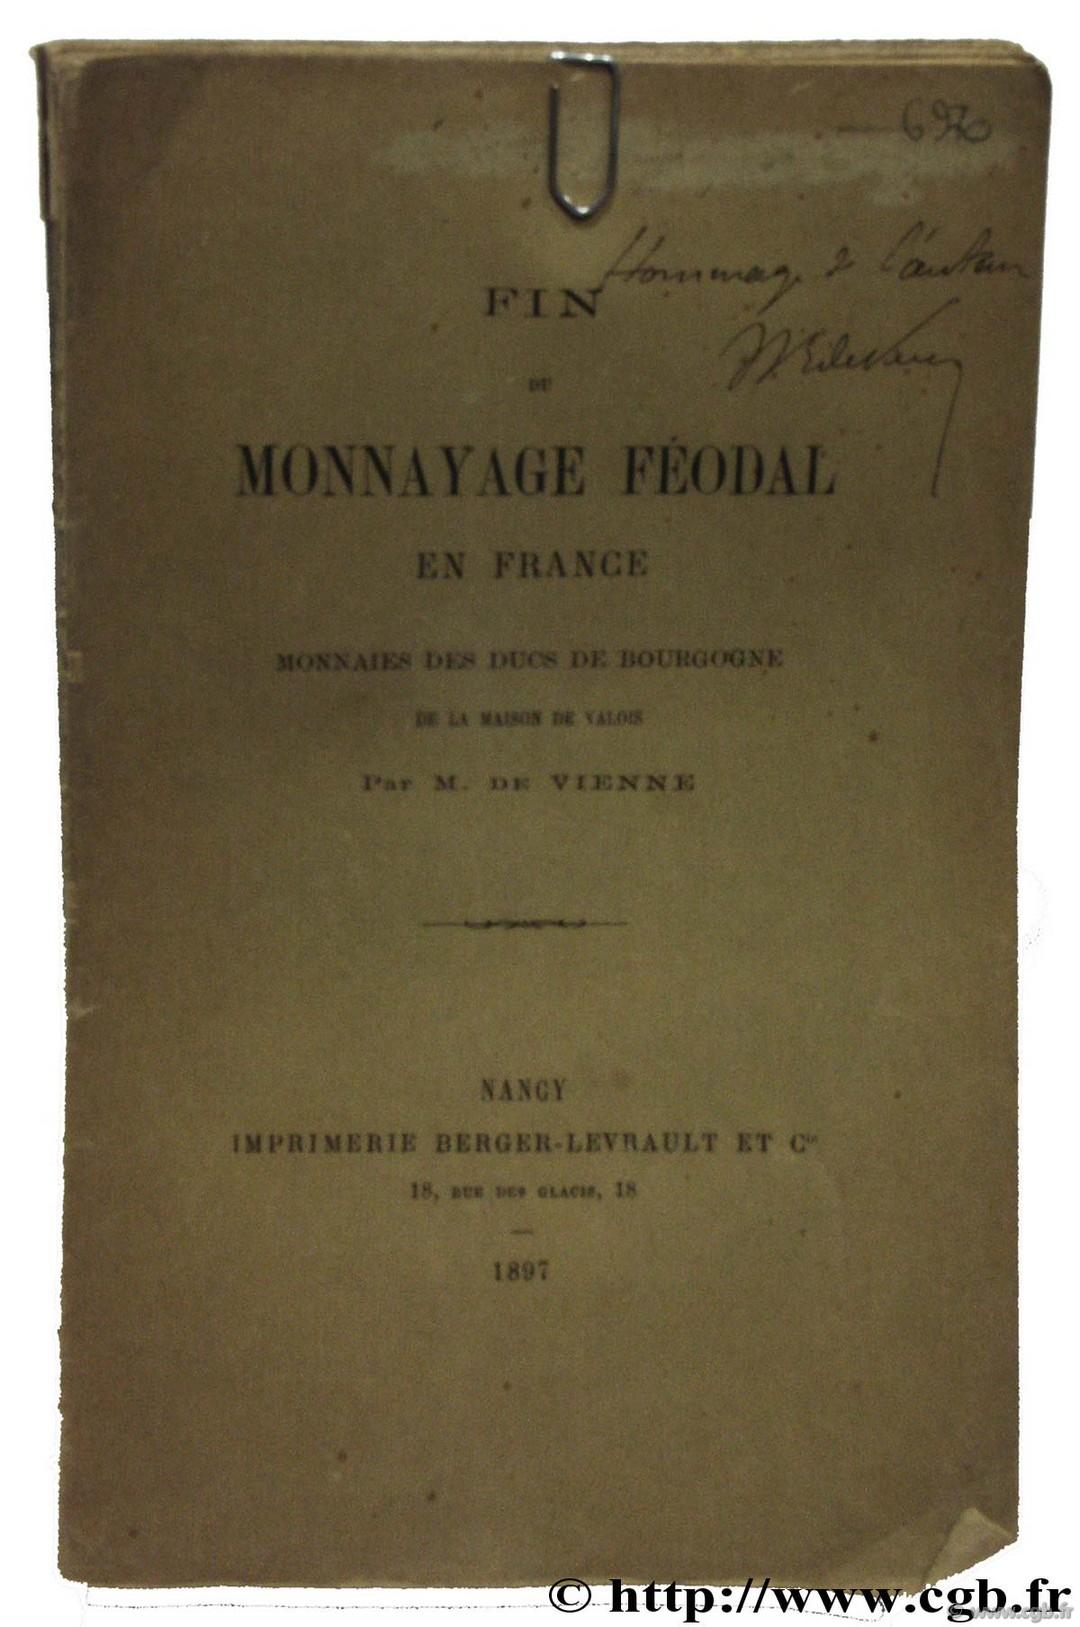 Fin du monnayage féodal en France VIENNE M. de